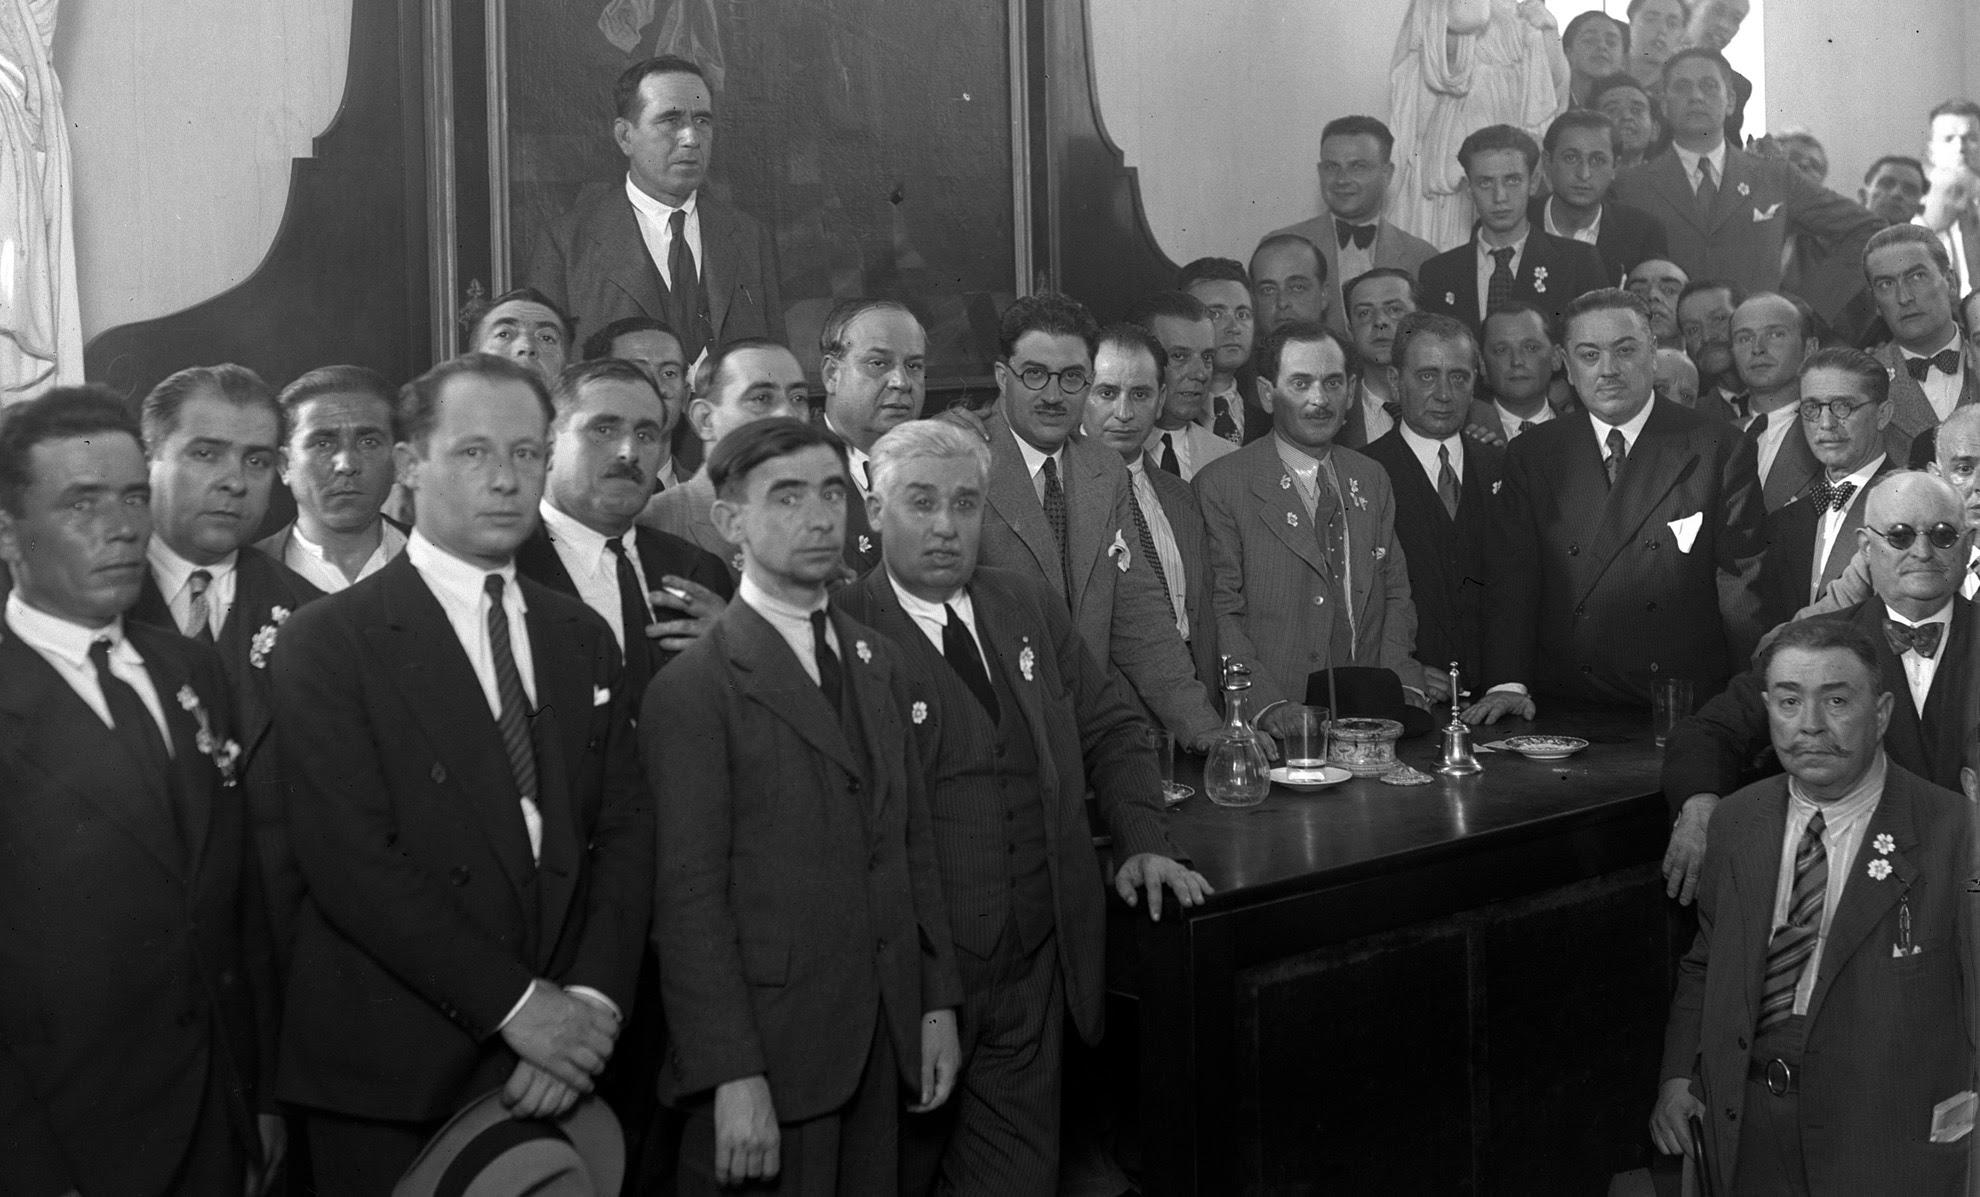 El alcalde de Sevilla José Gonzalez Fernández de la Bandera en reunión en la Diputacióhn con su presidente el médico José Manuel Puelles fusilado el 5 de agosto de 1936, y un grupo de médicos de la Beneficencia.